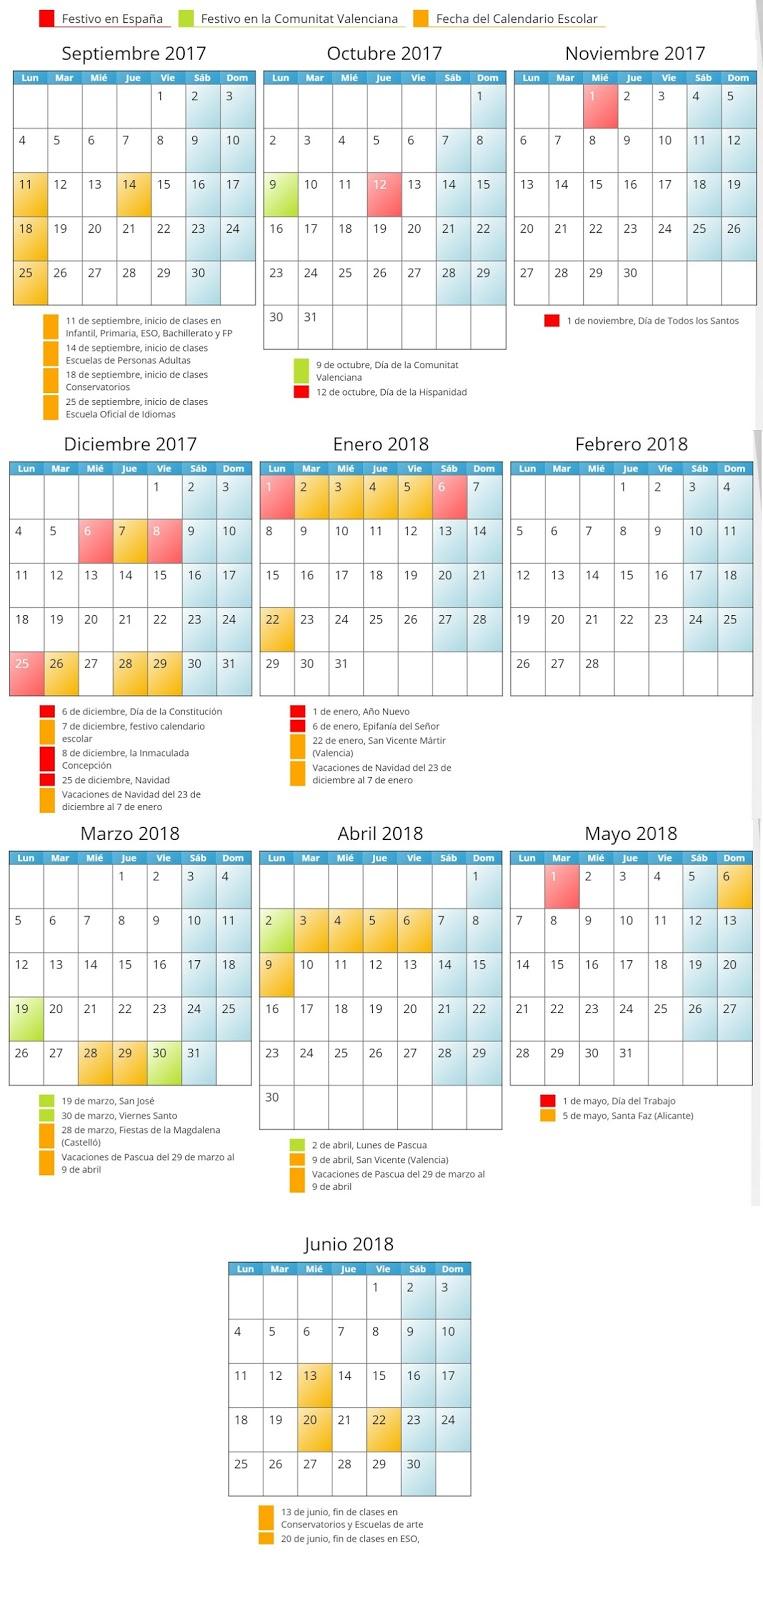 Calendario Escolar 2019 2020 Valencia.Calendario Escolar 2017 2018 Ceip Joan Fuster